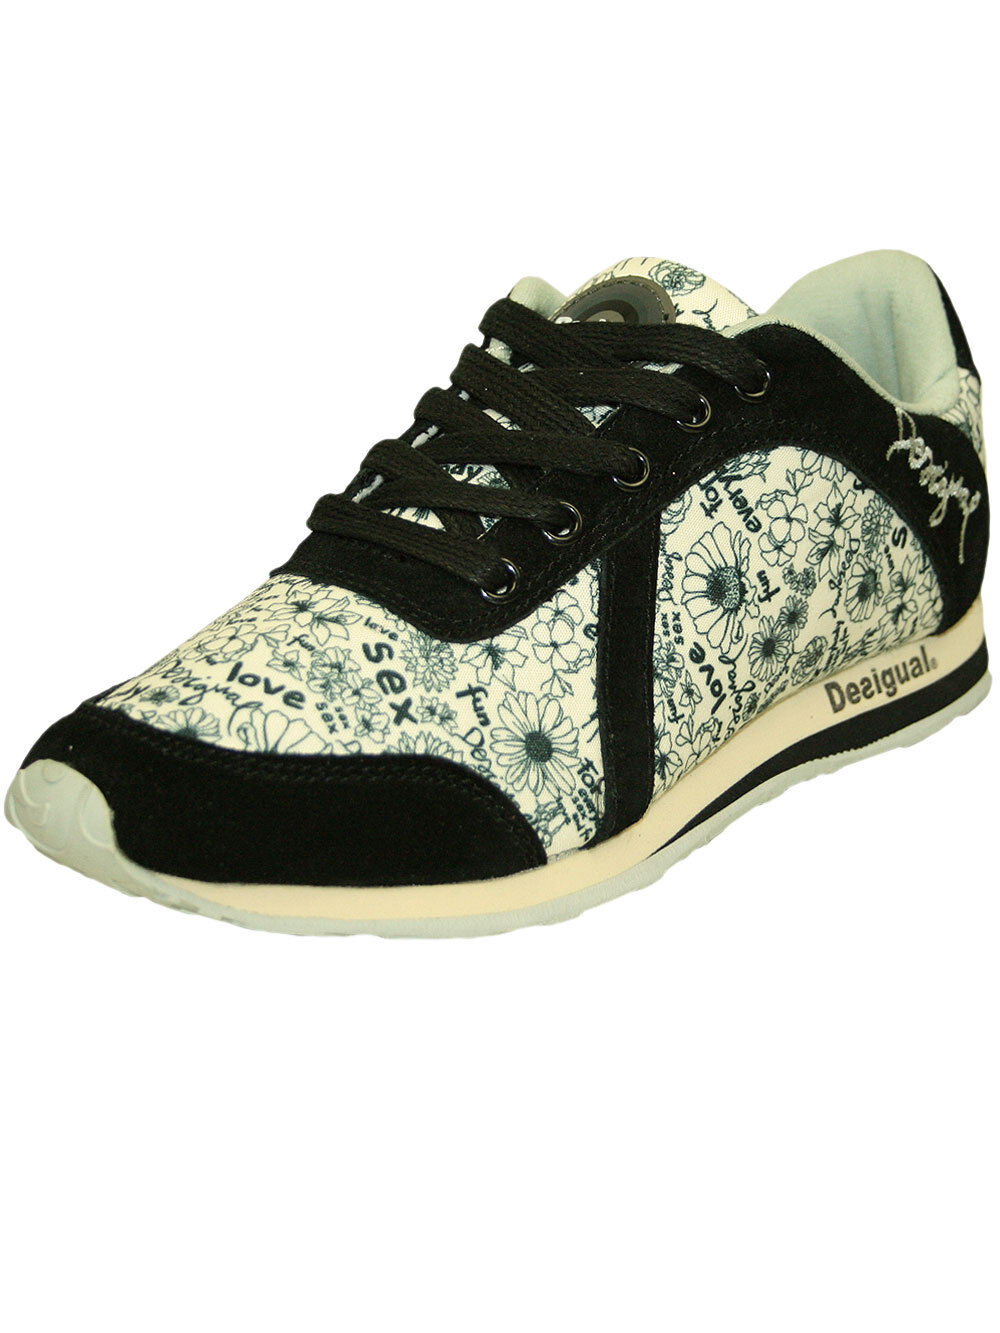 Desigual cortos señora zapato * running 7 * en estrella negra (negro), nuevo + embalaje original!